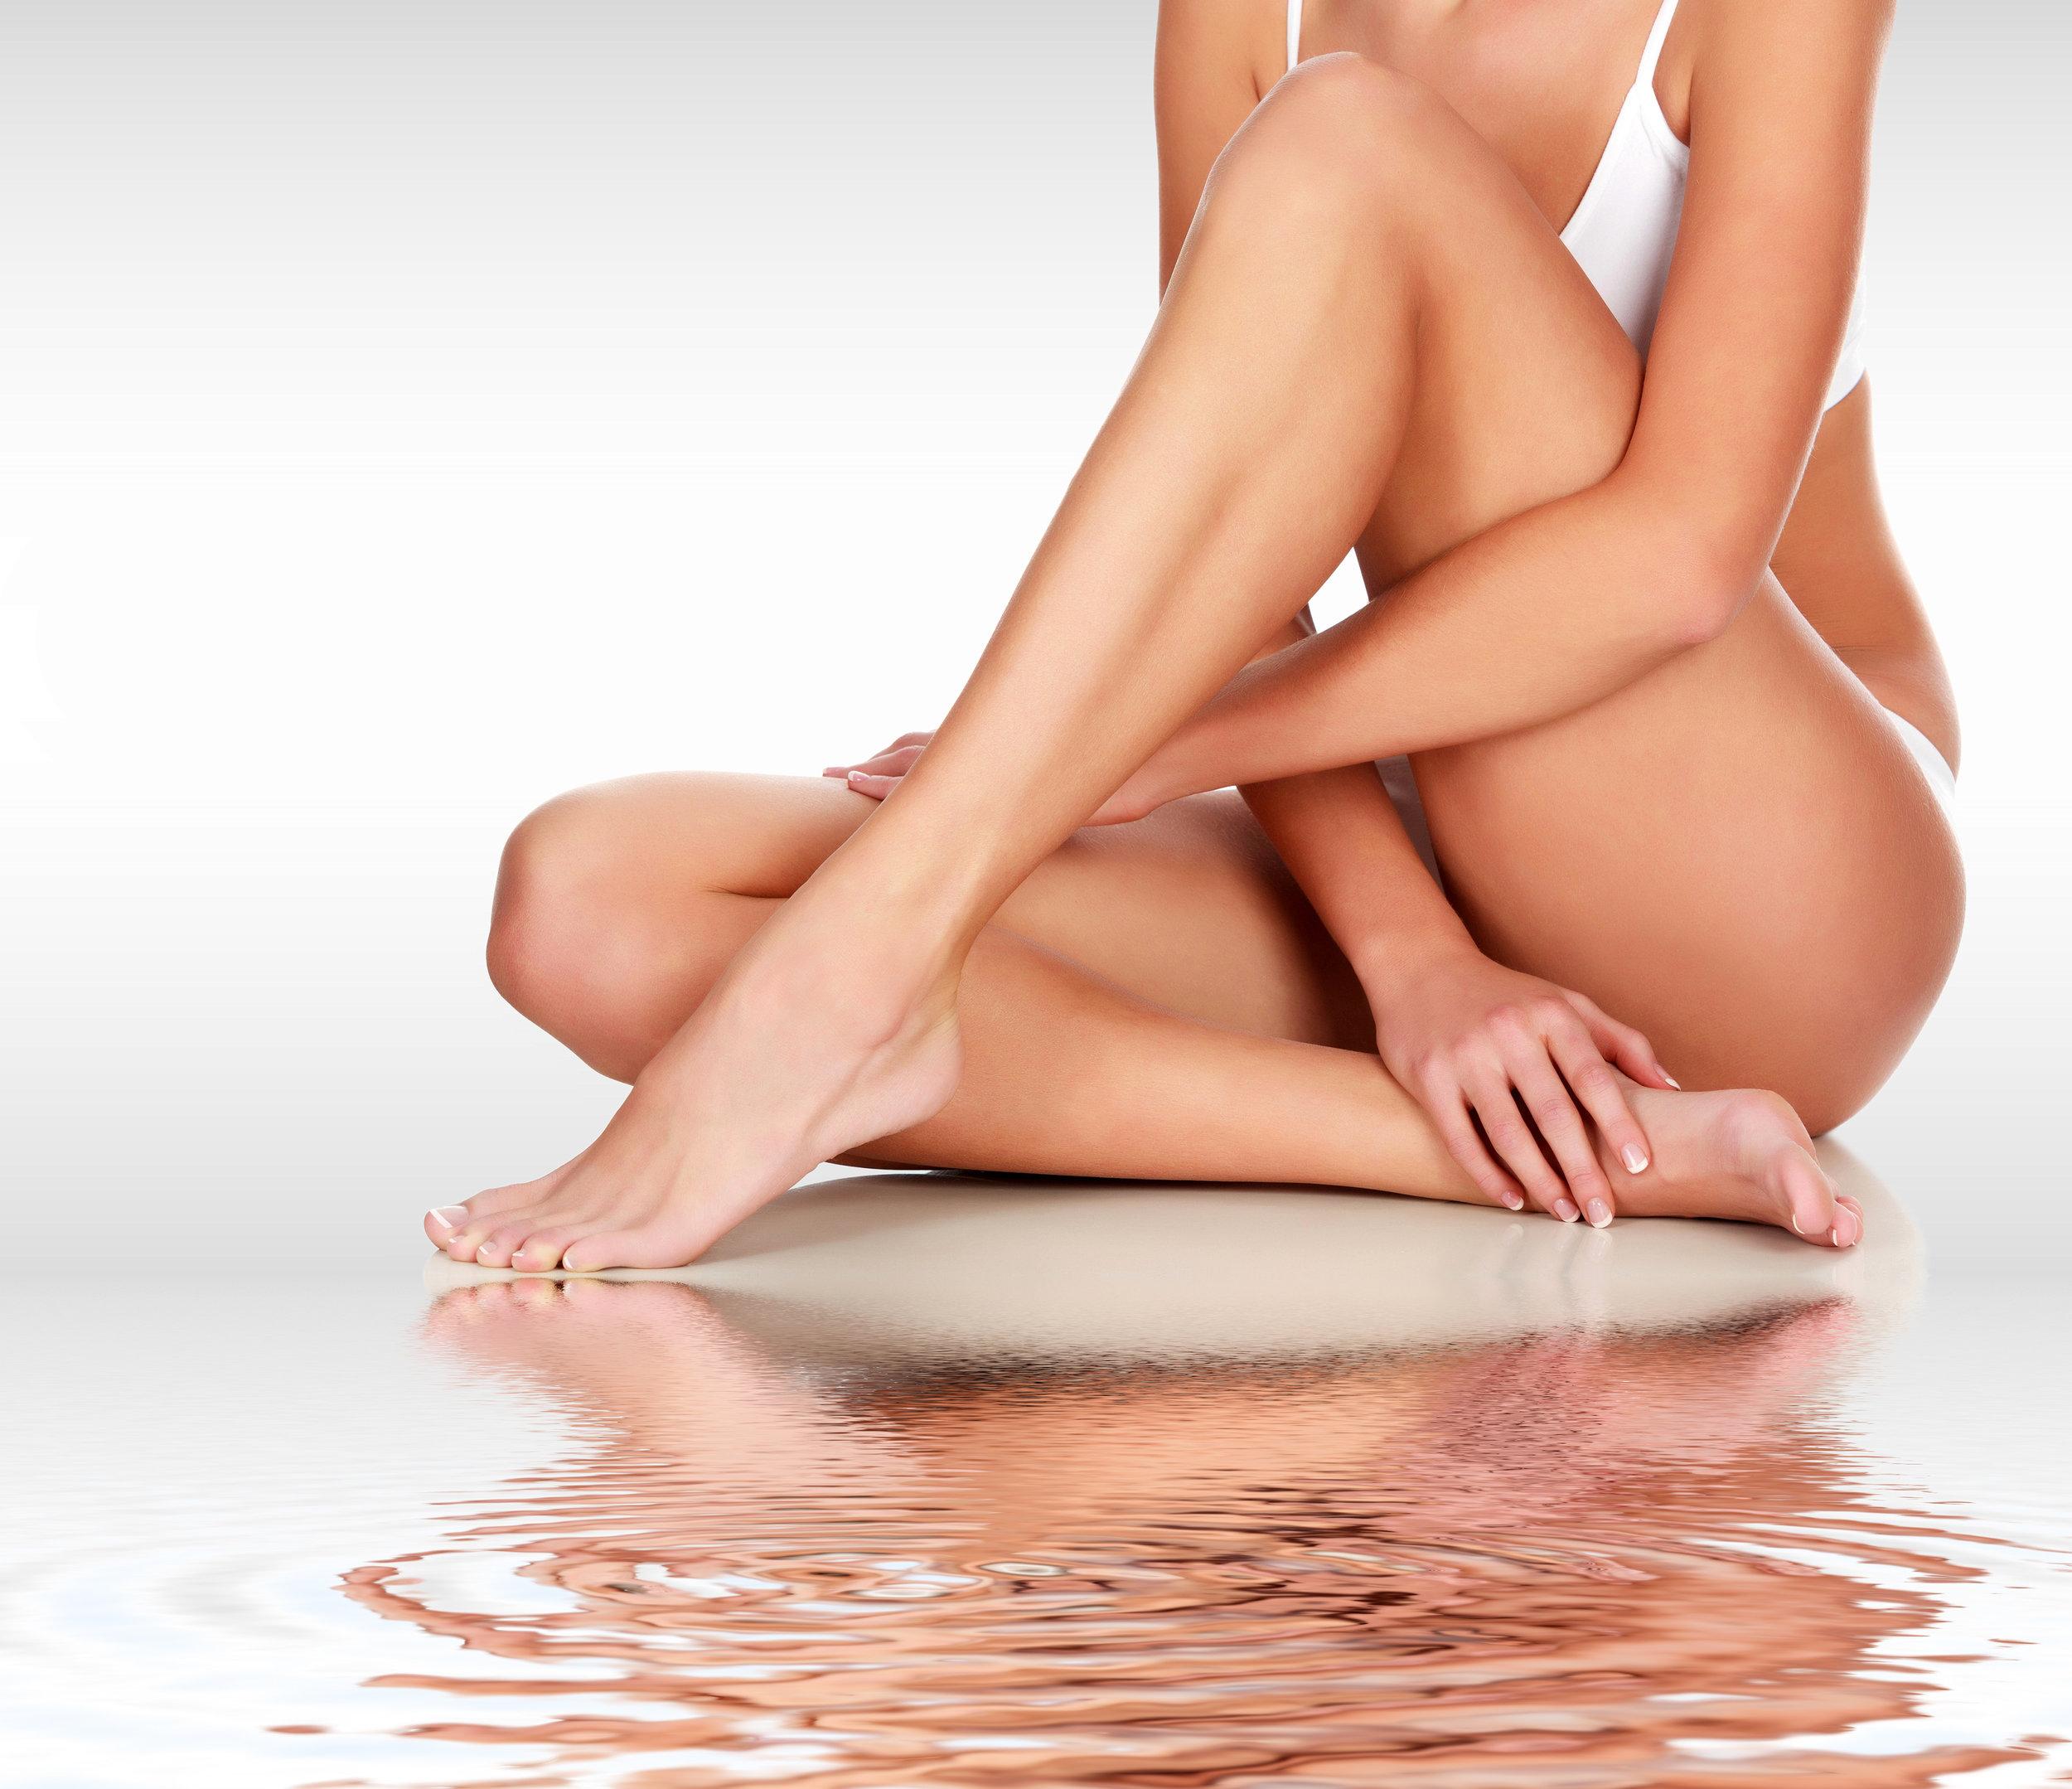 shutterstock_654831703 - laser hair removal.jpg